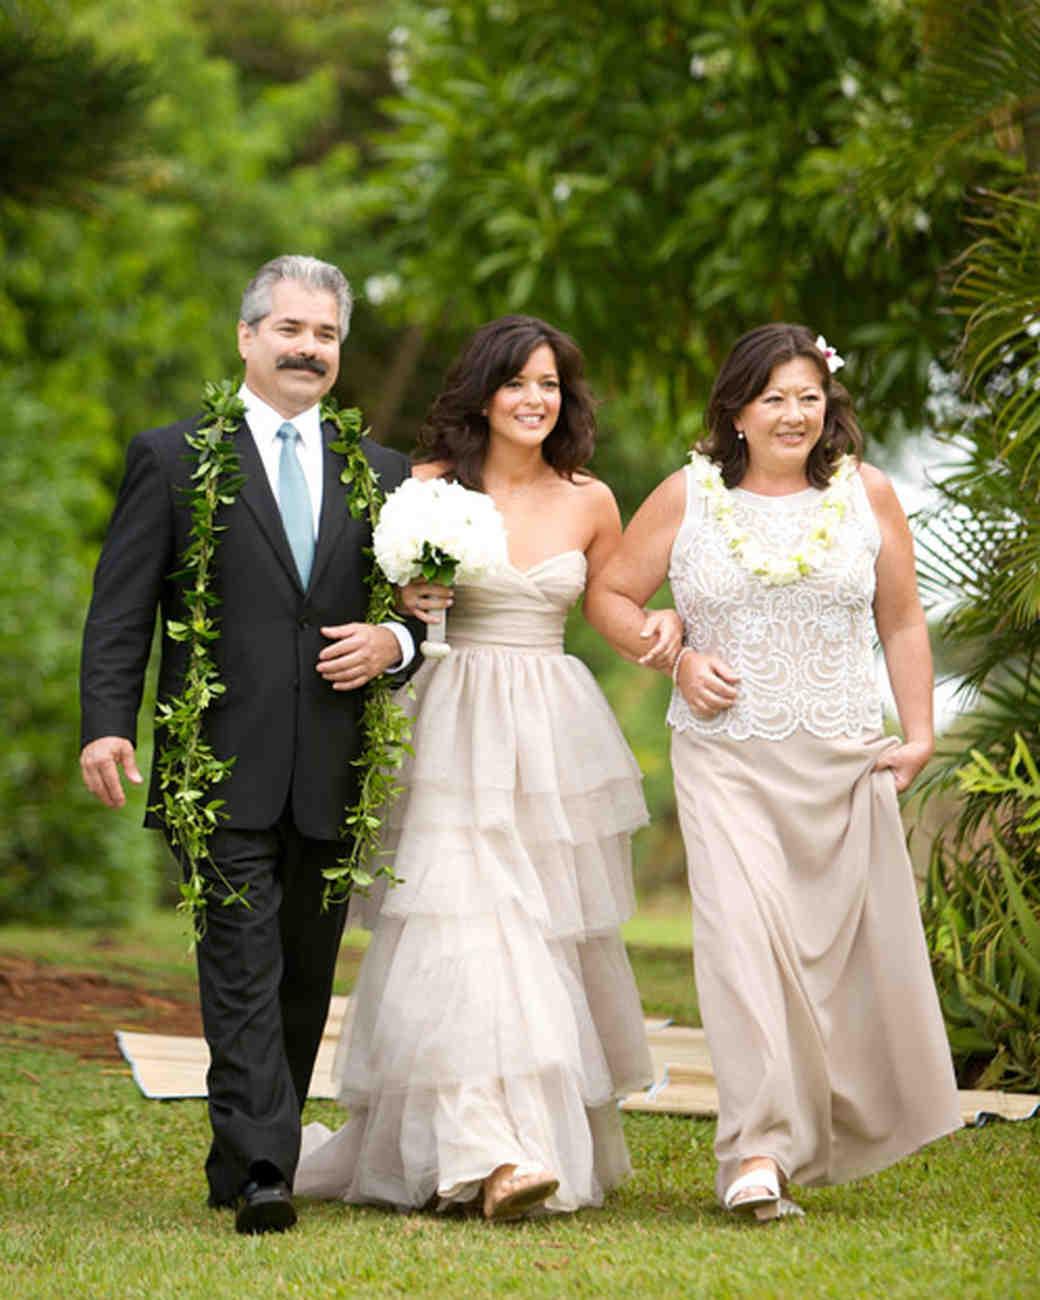 Hawaii Wedding: An All-Natural Beach Destination Wedding In Hawaii